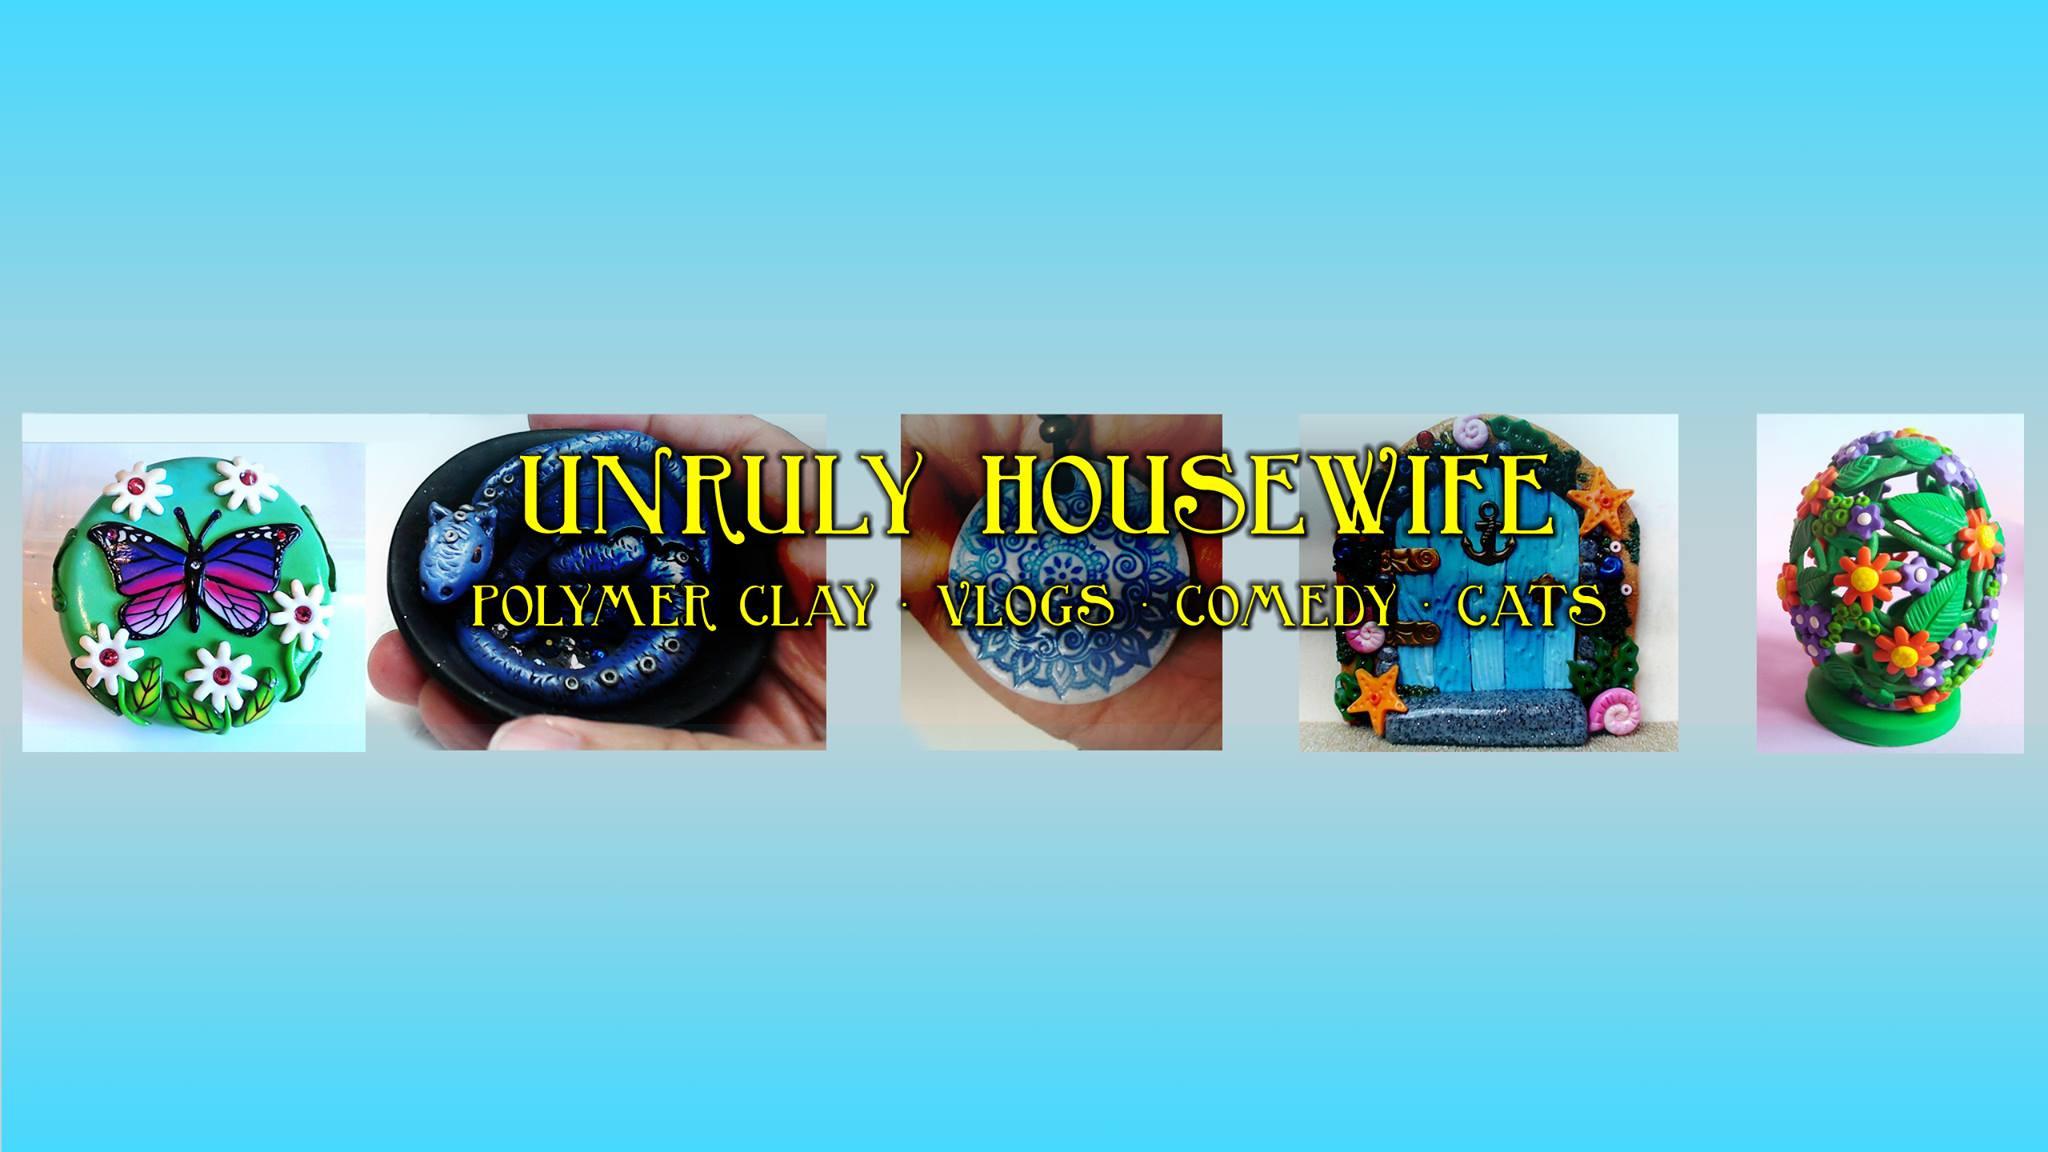 Unruly Housewife